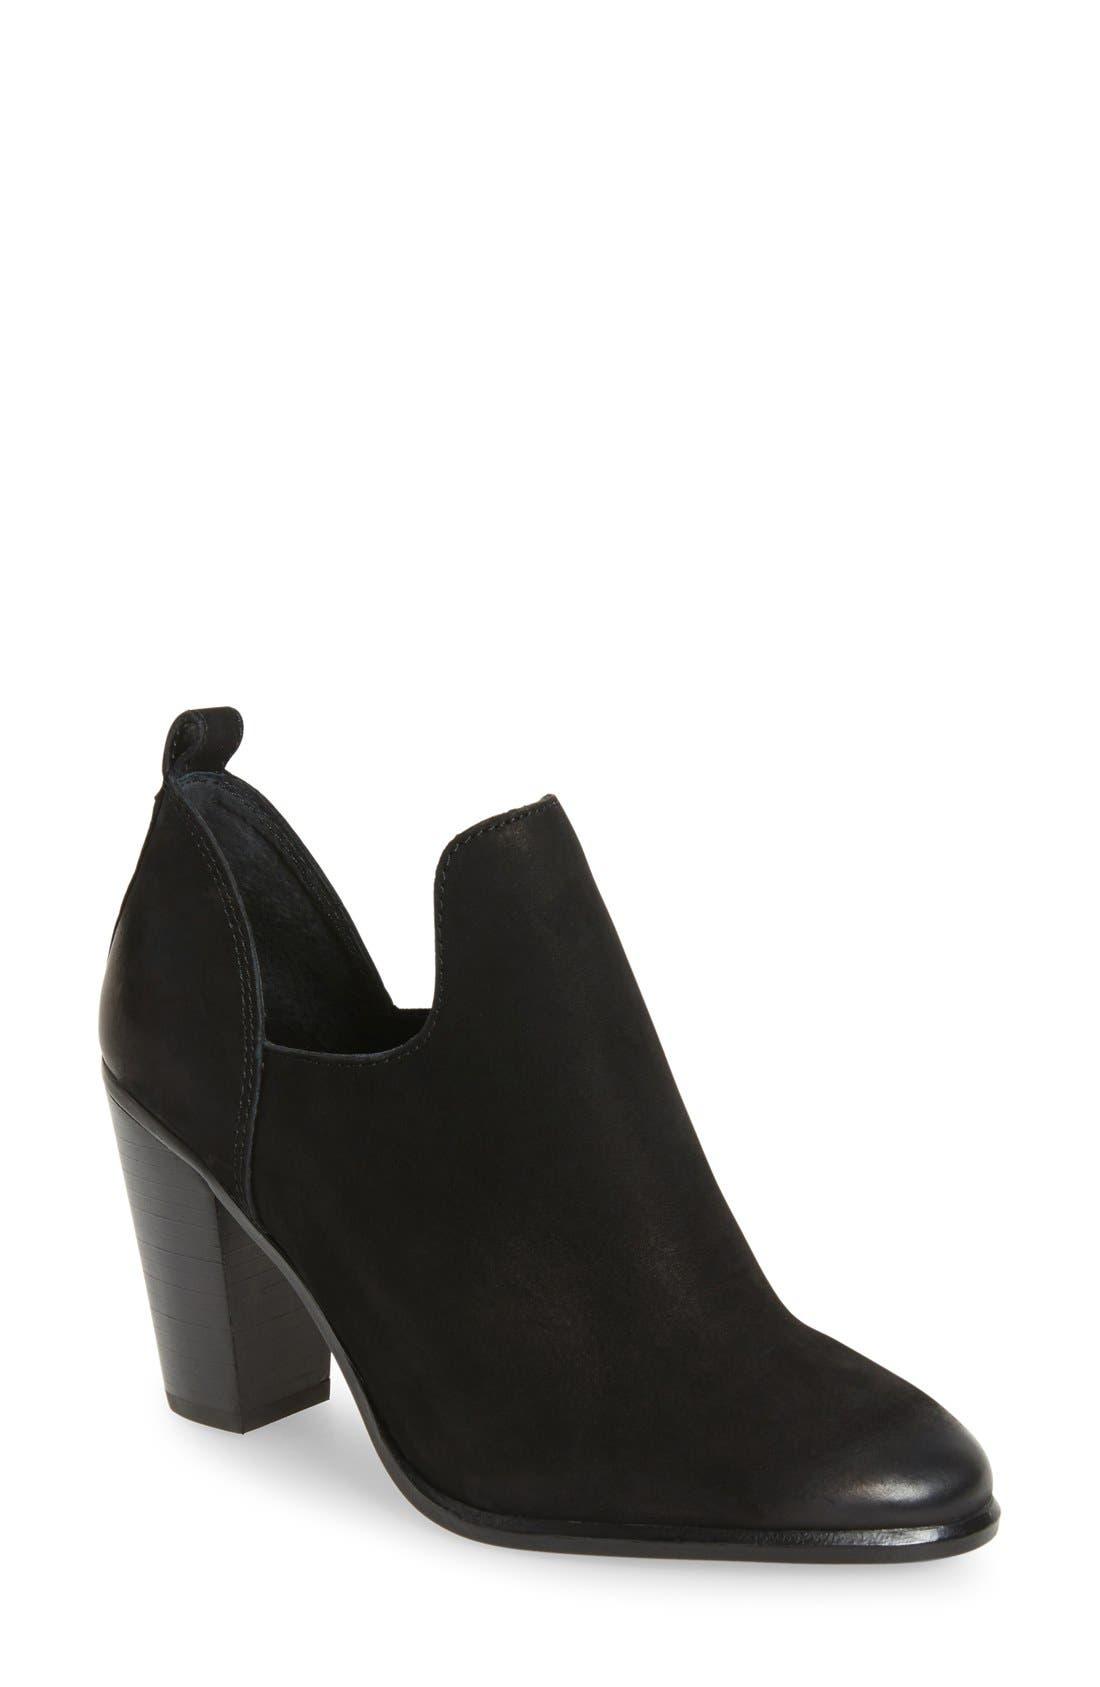 VINCE CAMUTO 'Federa' Block Heel Bootie, Main, color, 001